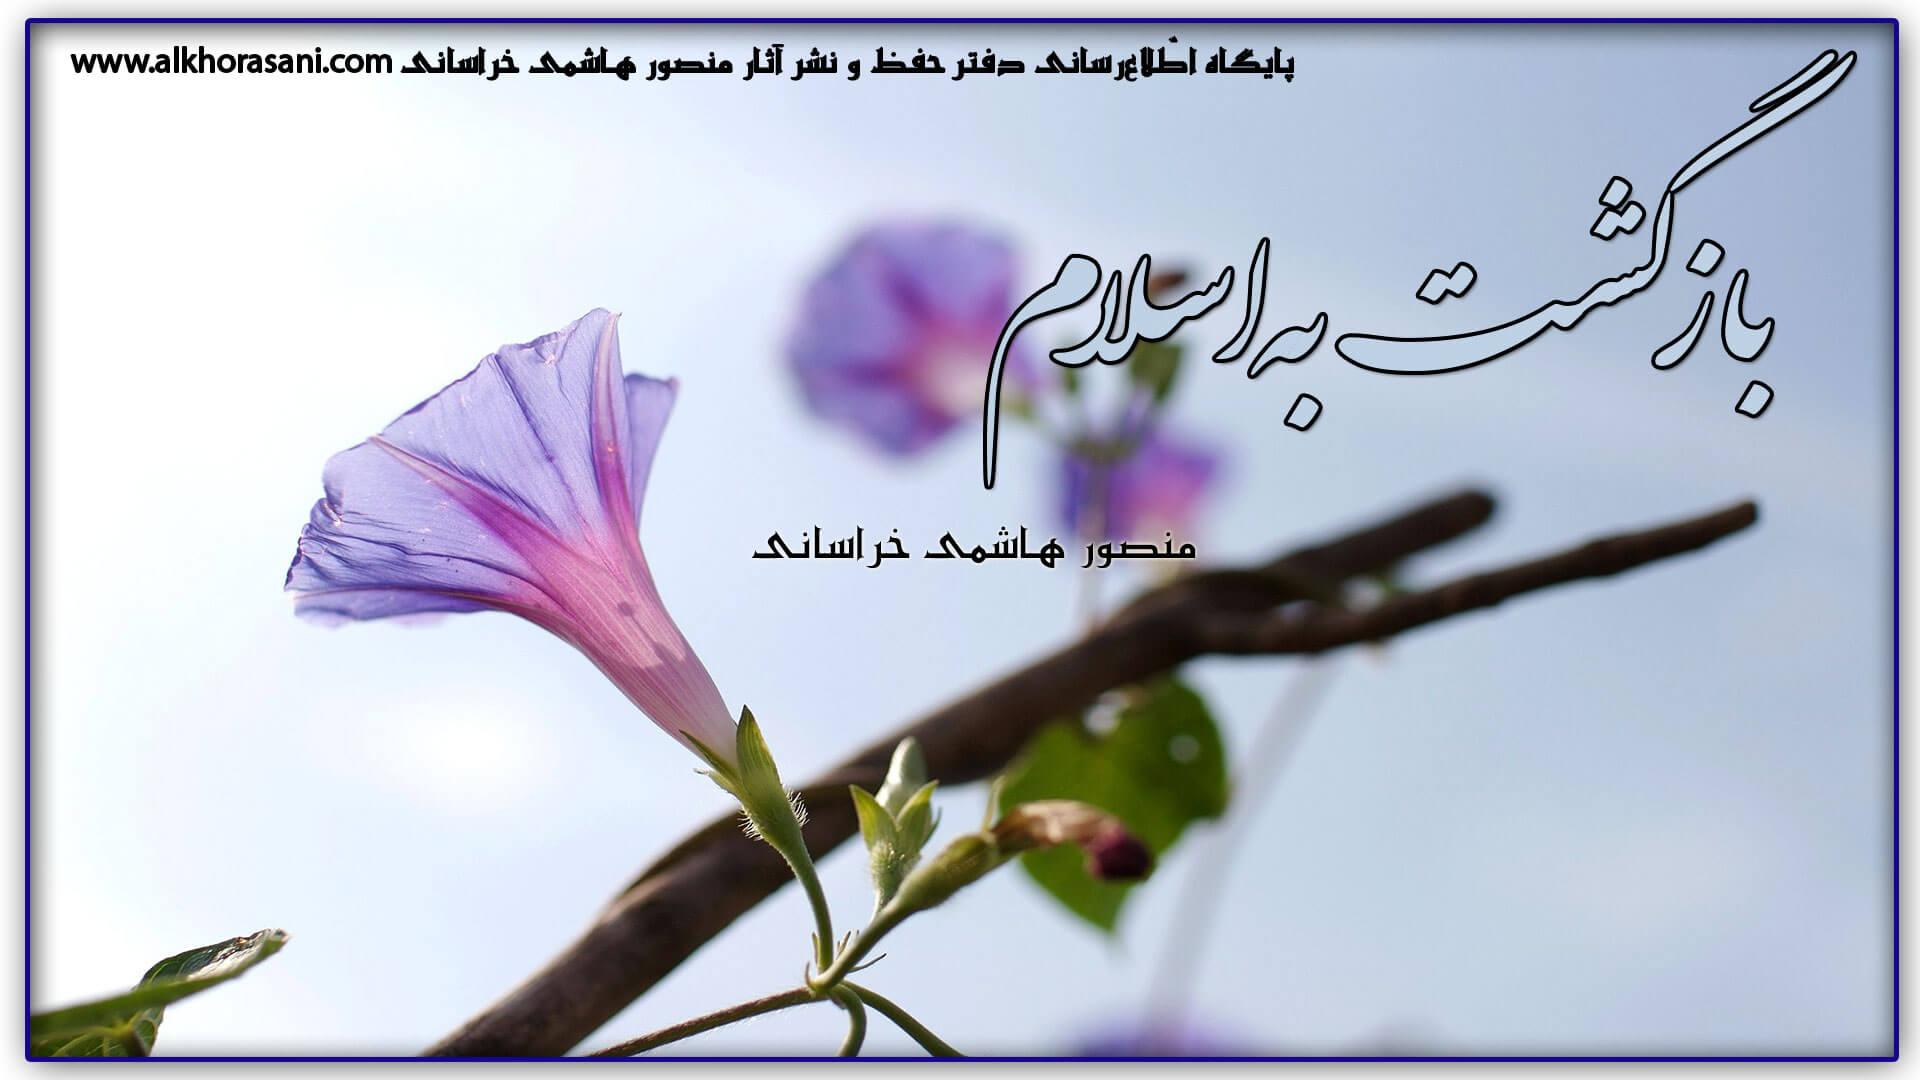 کتاب «بازگشت به اسلام» (16)